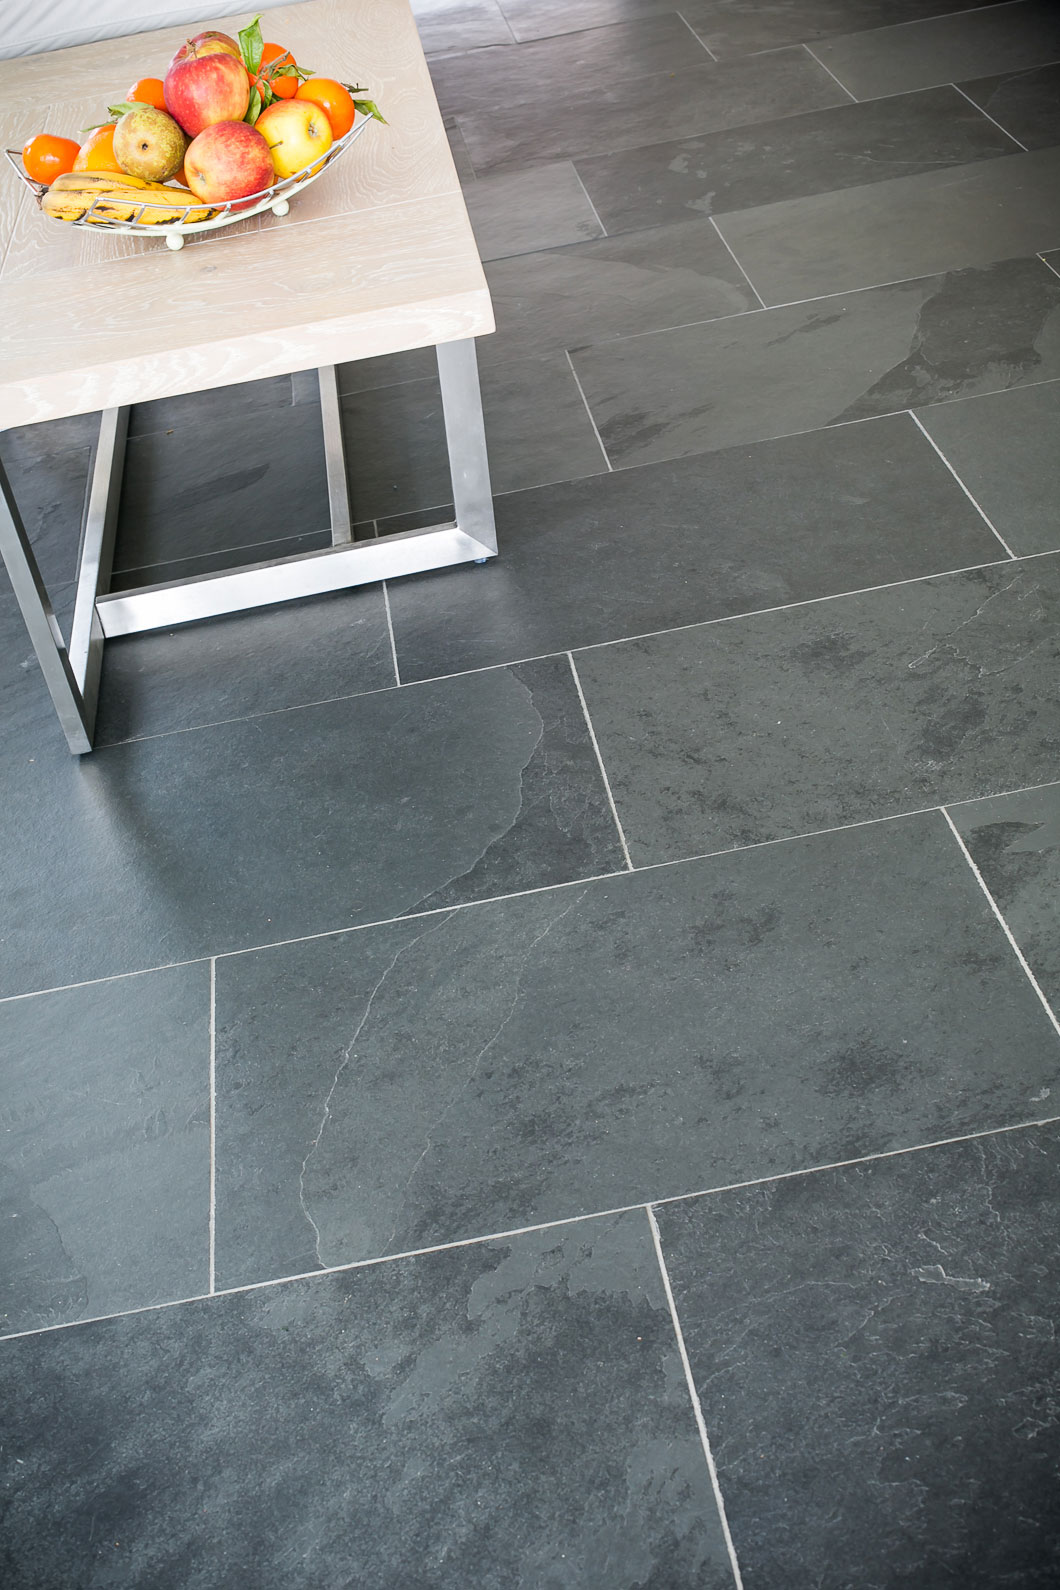 Badkamer evergem badkamer ontwerp idee n voor uw huis samen met meubels die het - Keramische vloeren ...